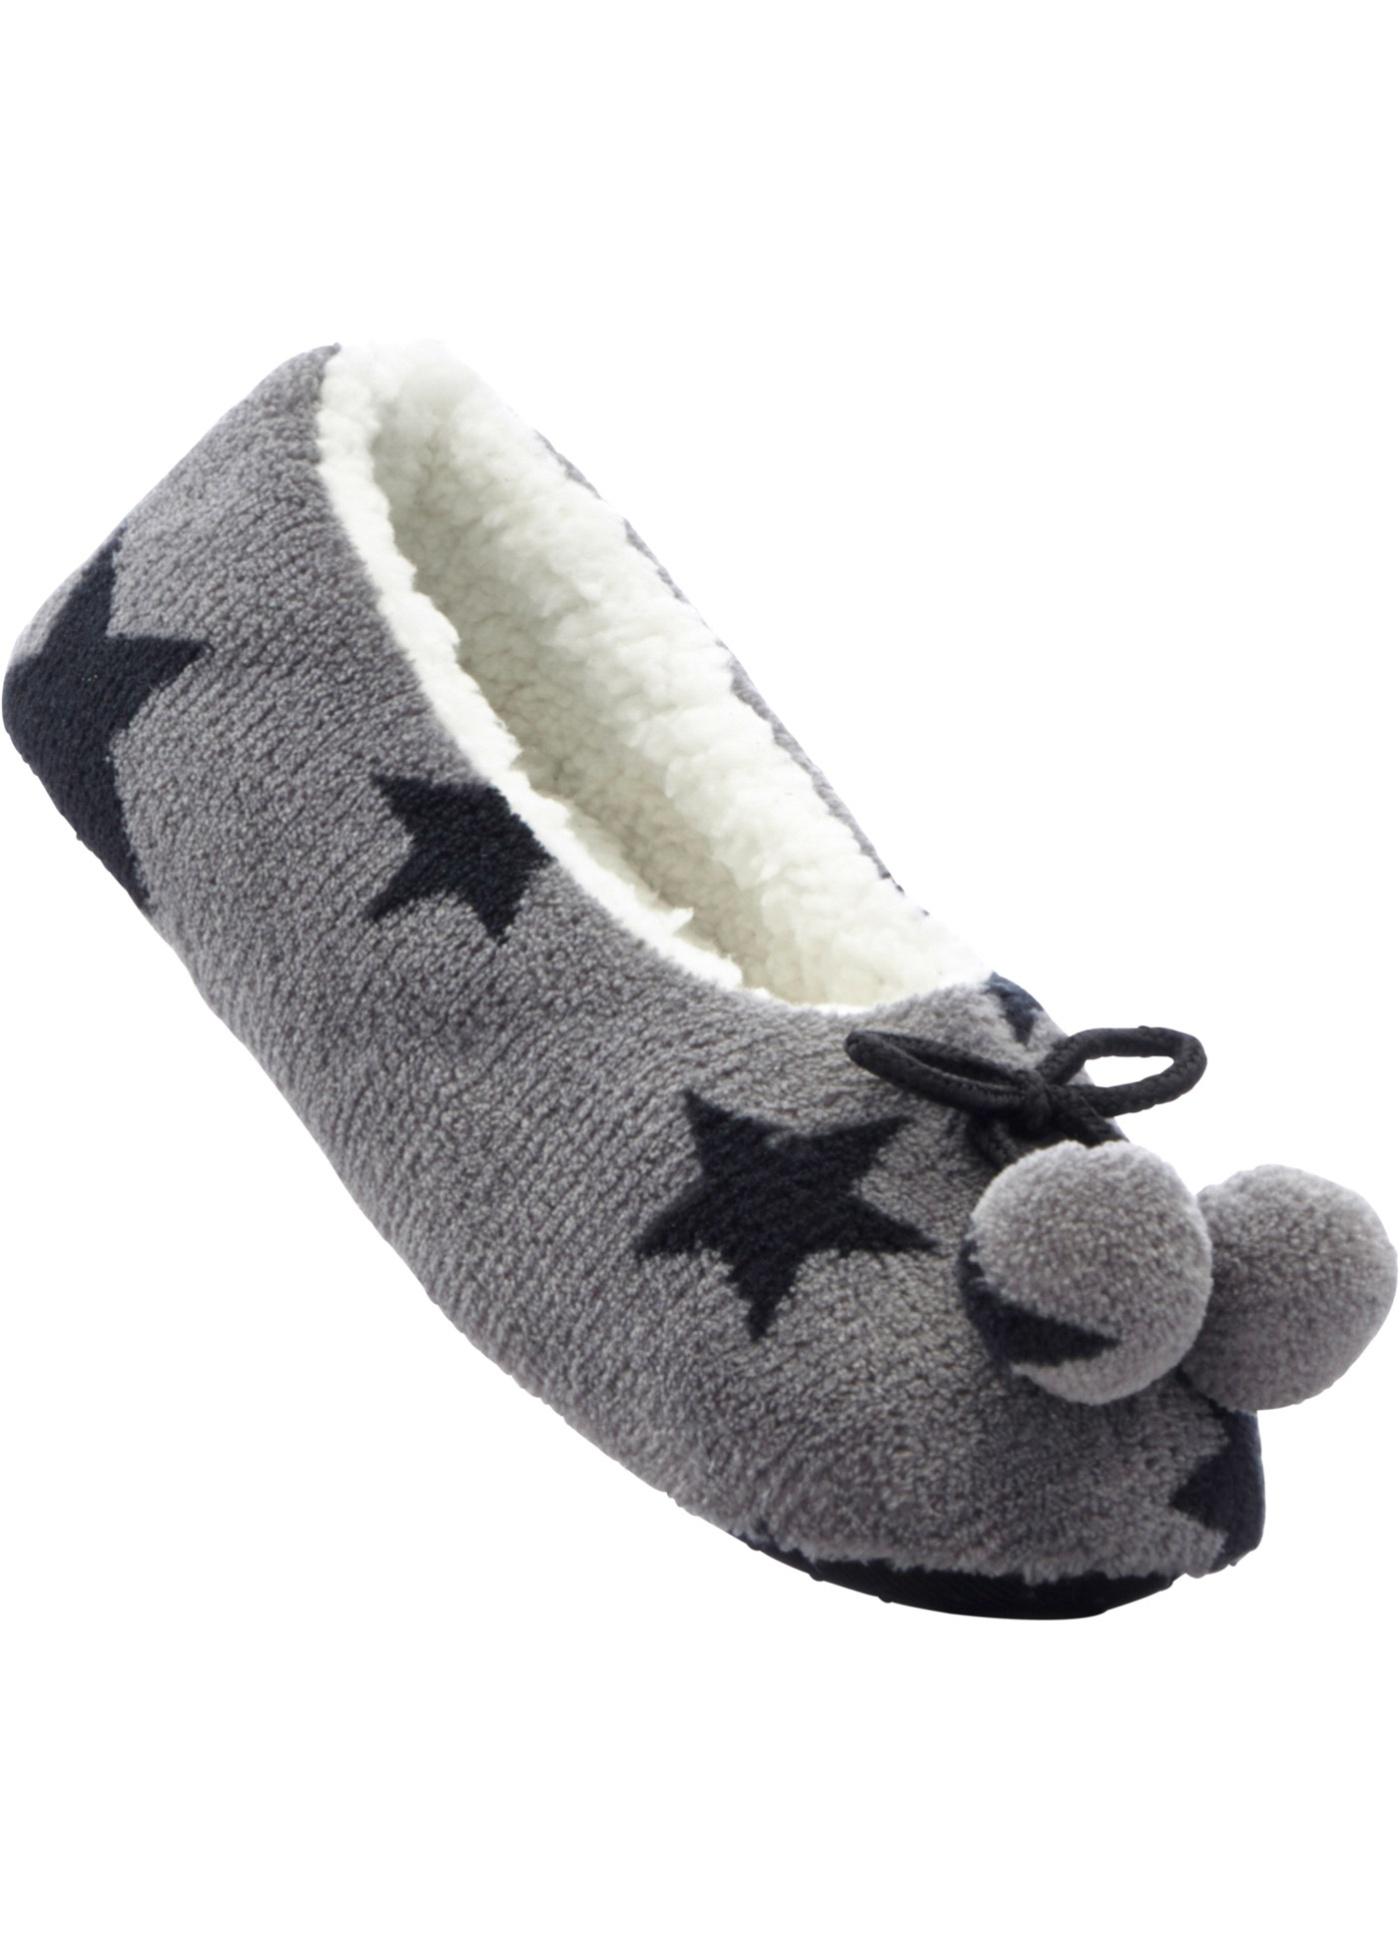 Zachte pantoffels met sterrenprint.